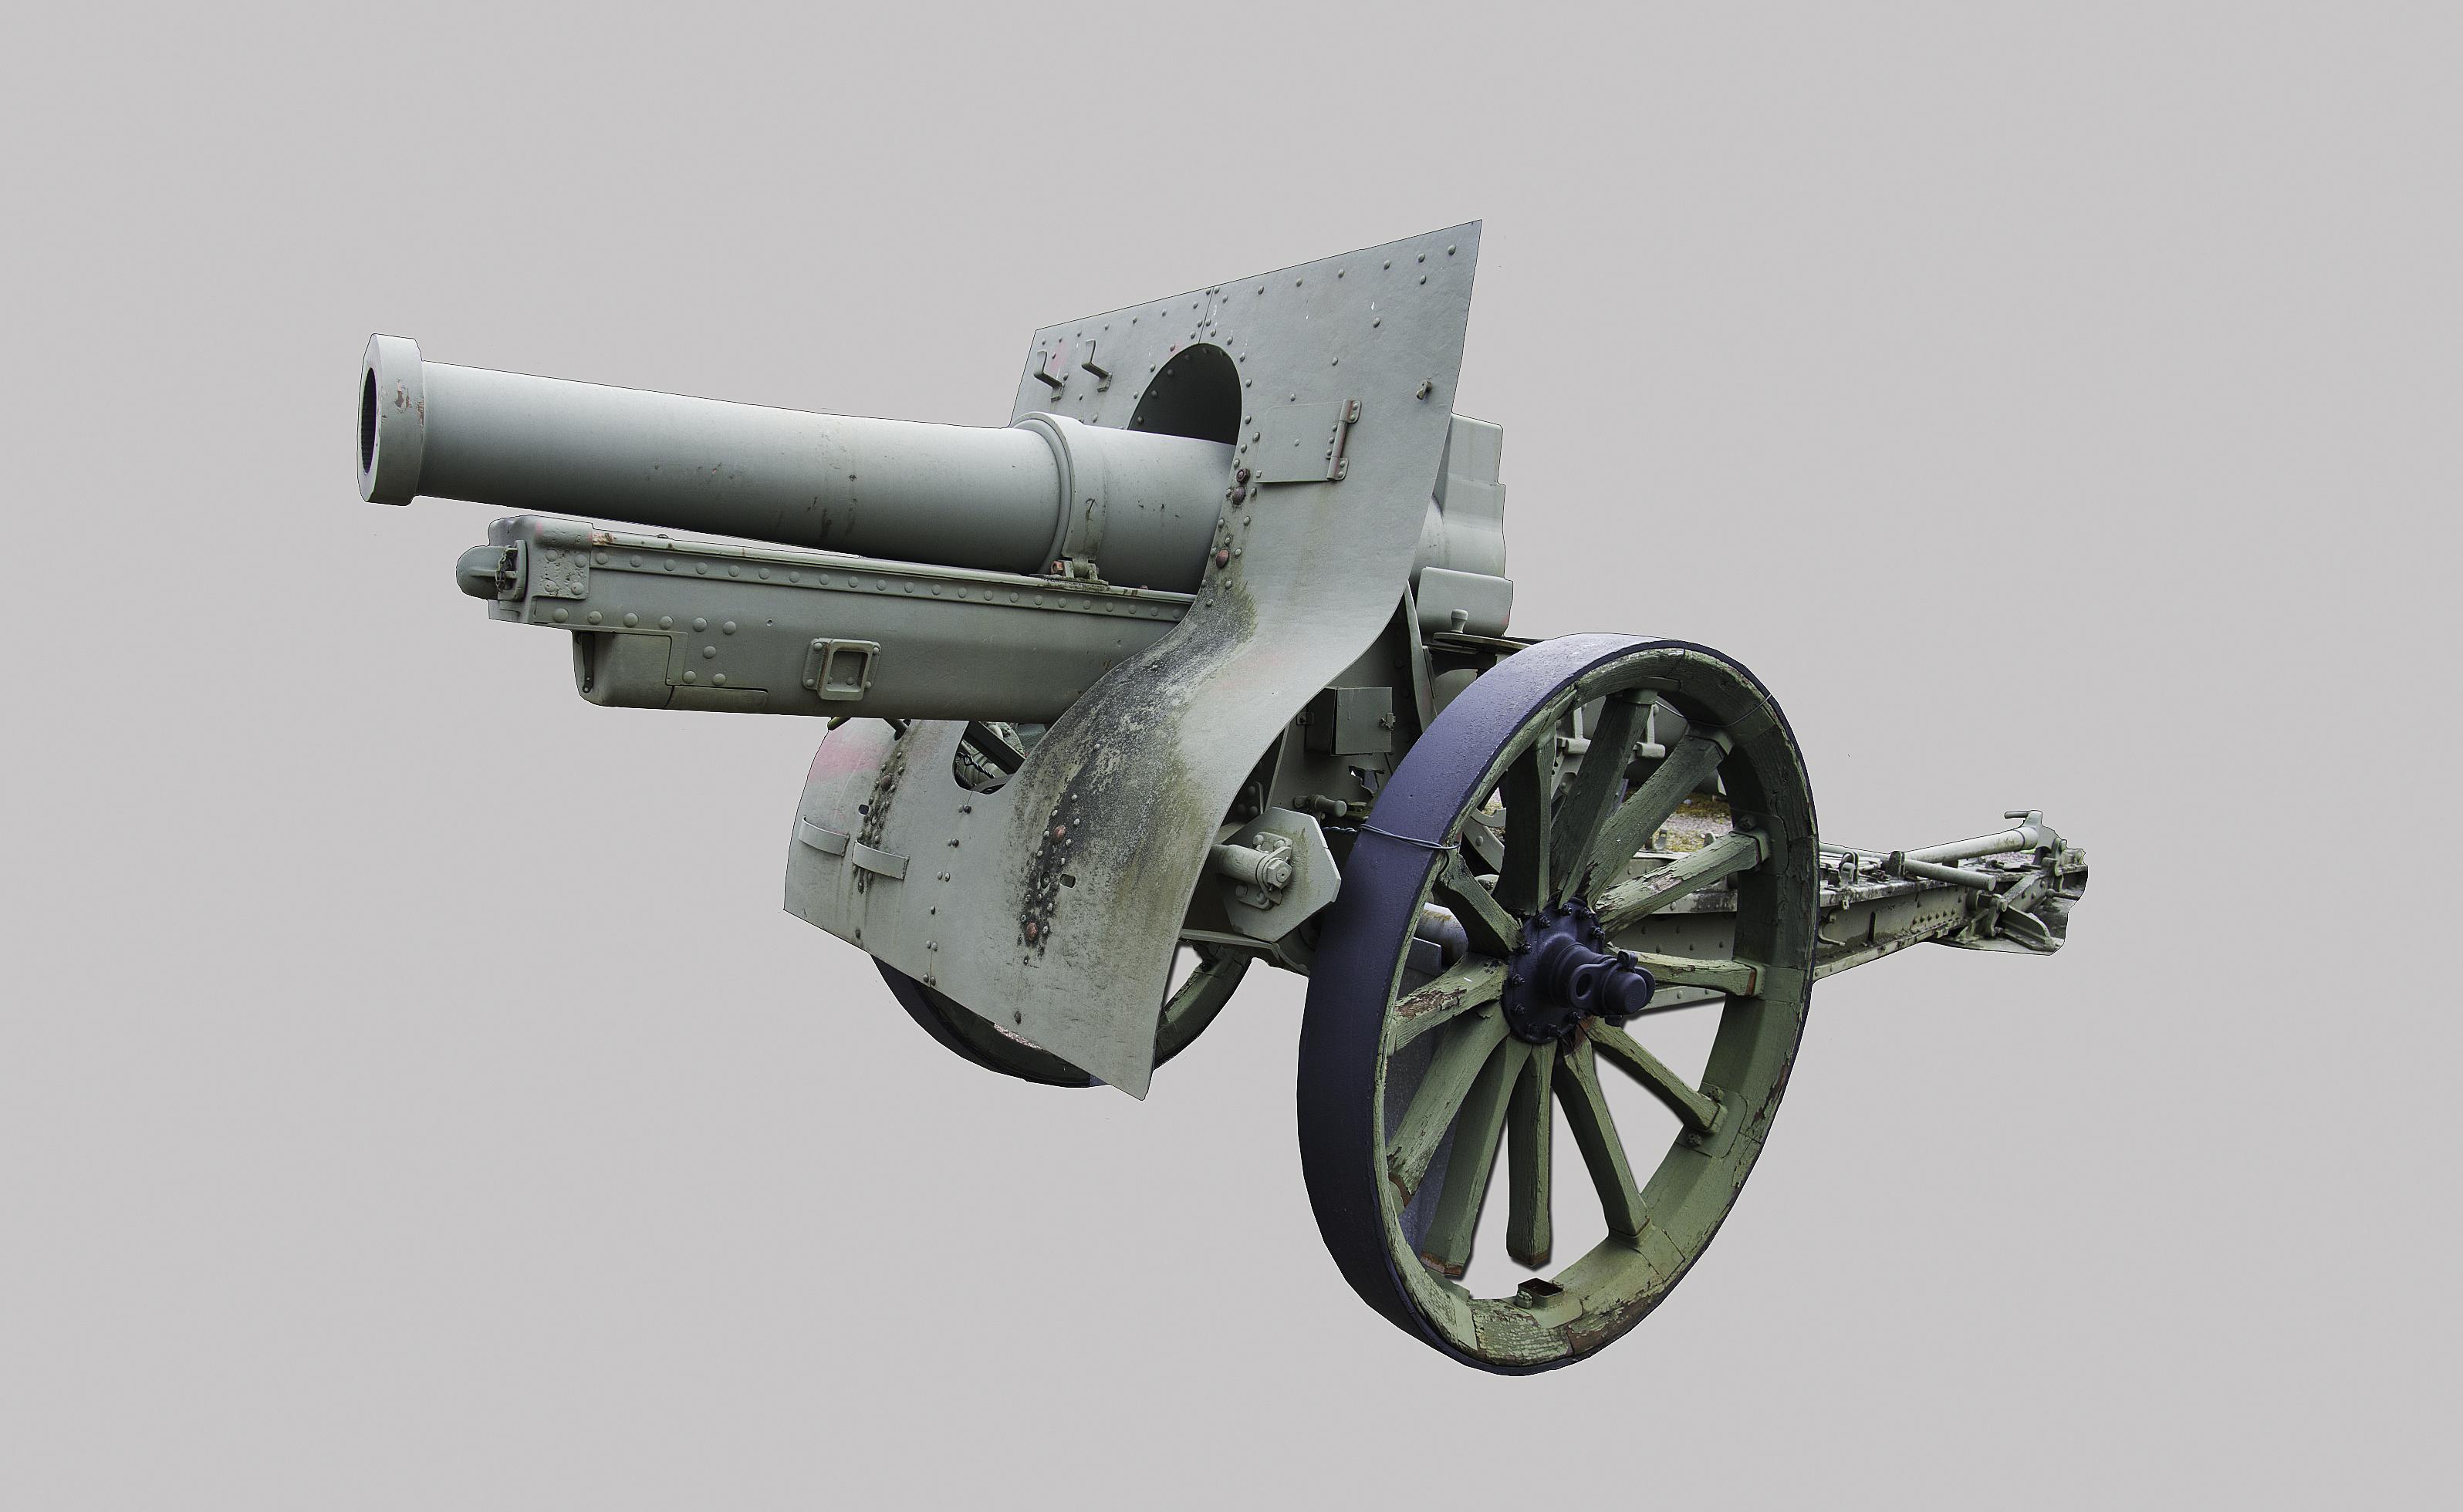 """155 mm:n ranskalainen haupitsi vuodelta 1917. Tämä tykki oli se """"kuusituumainen"""" jonka tehoon uskottiin. Tykin kranaatti painoi yli 40 kiloa. Tämä haupitsi oli Raskas patteristo 29:n kalustoa."""